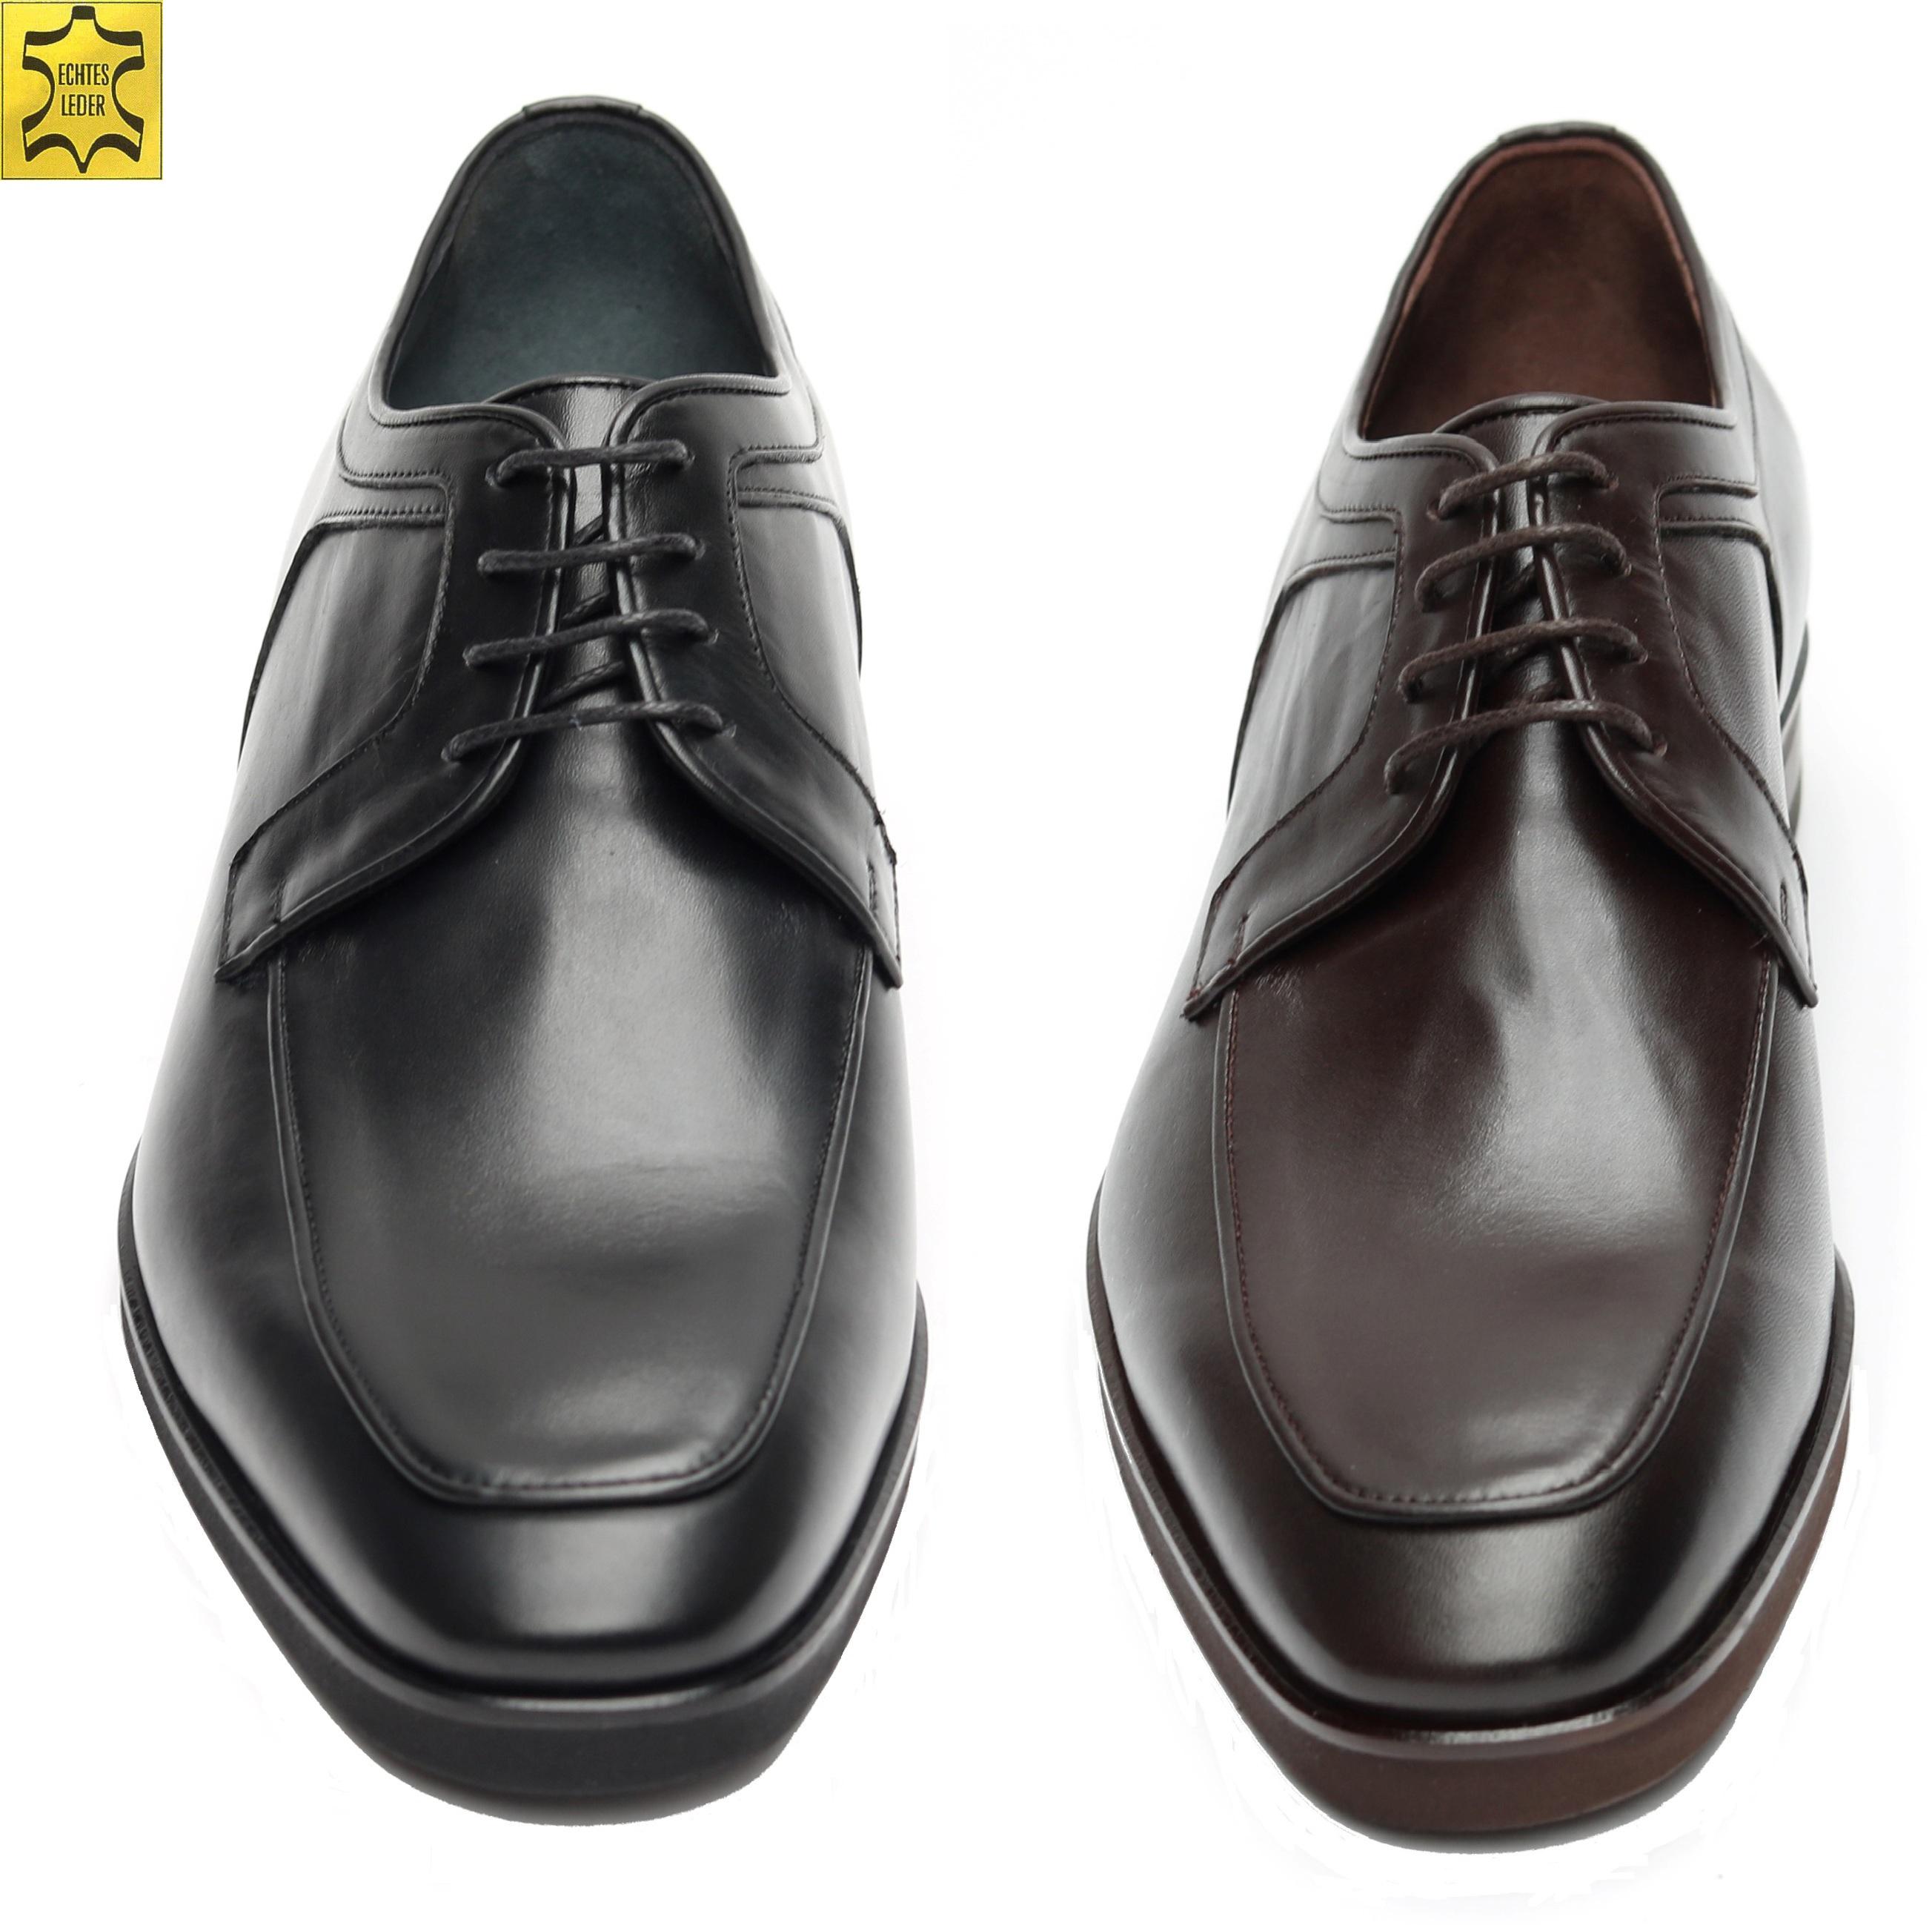 3a96cac02dc24c Elegante Herren Schuhe für viele Anlässe Schwarz und Braun Größen 39-46.  Designed by MUGA ®